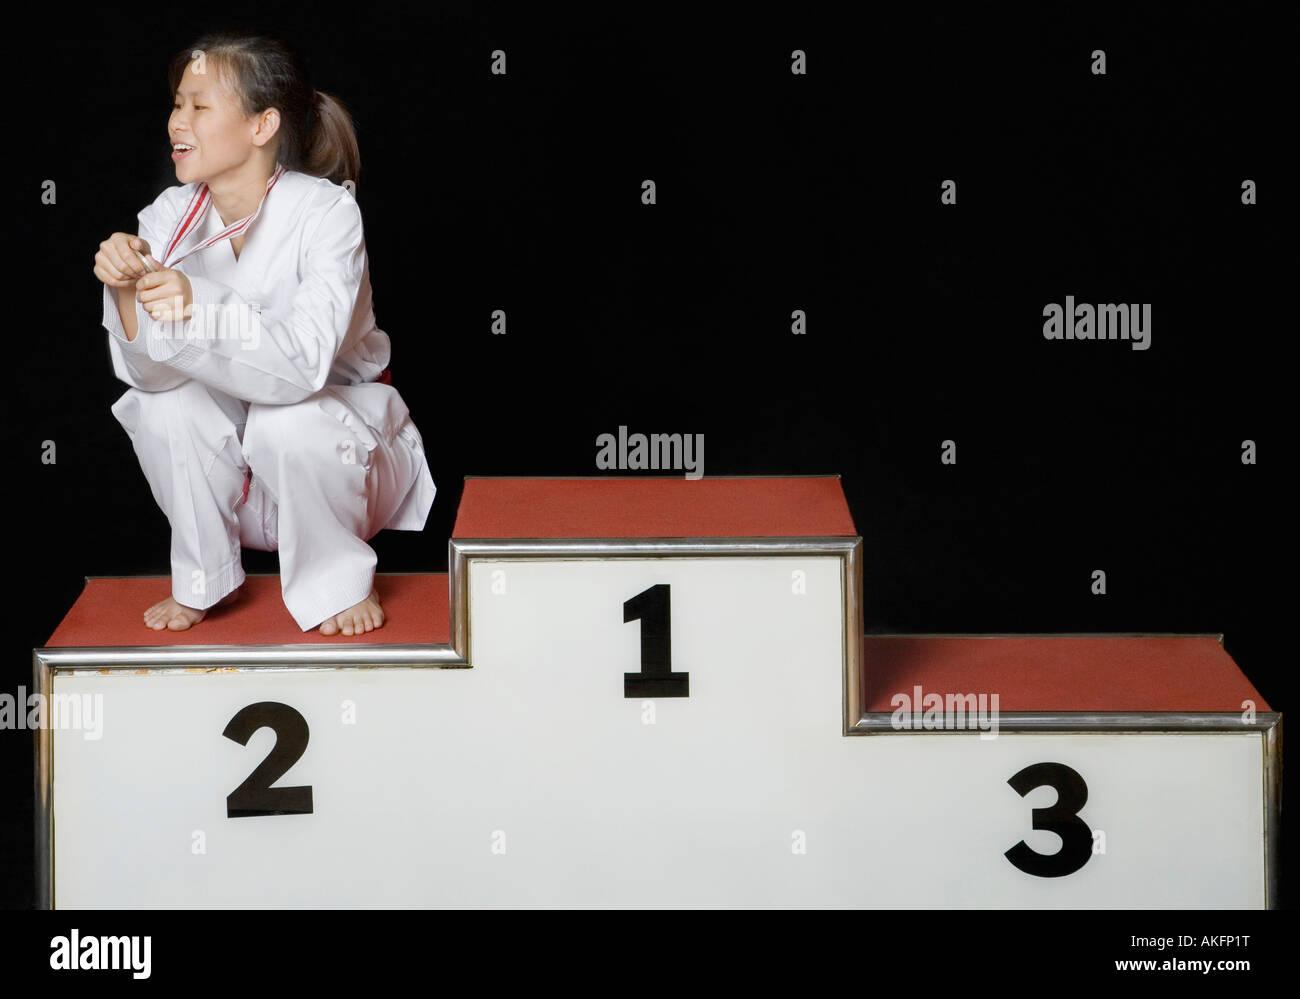 Junge Frau sitzt auf einem Podium Gewinner mit ihrer Medaille Stockbild